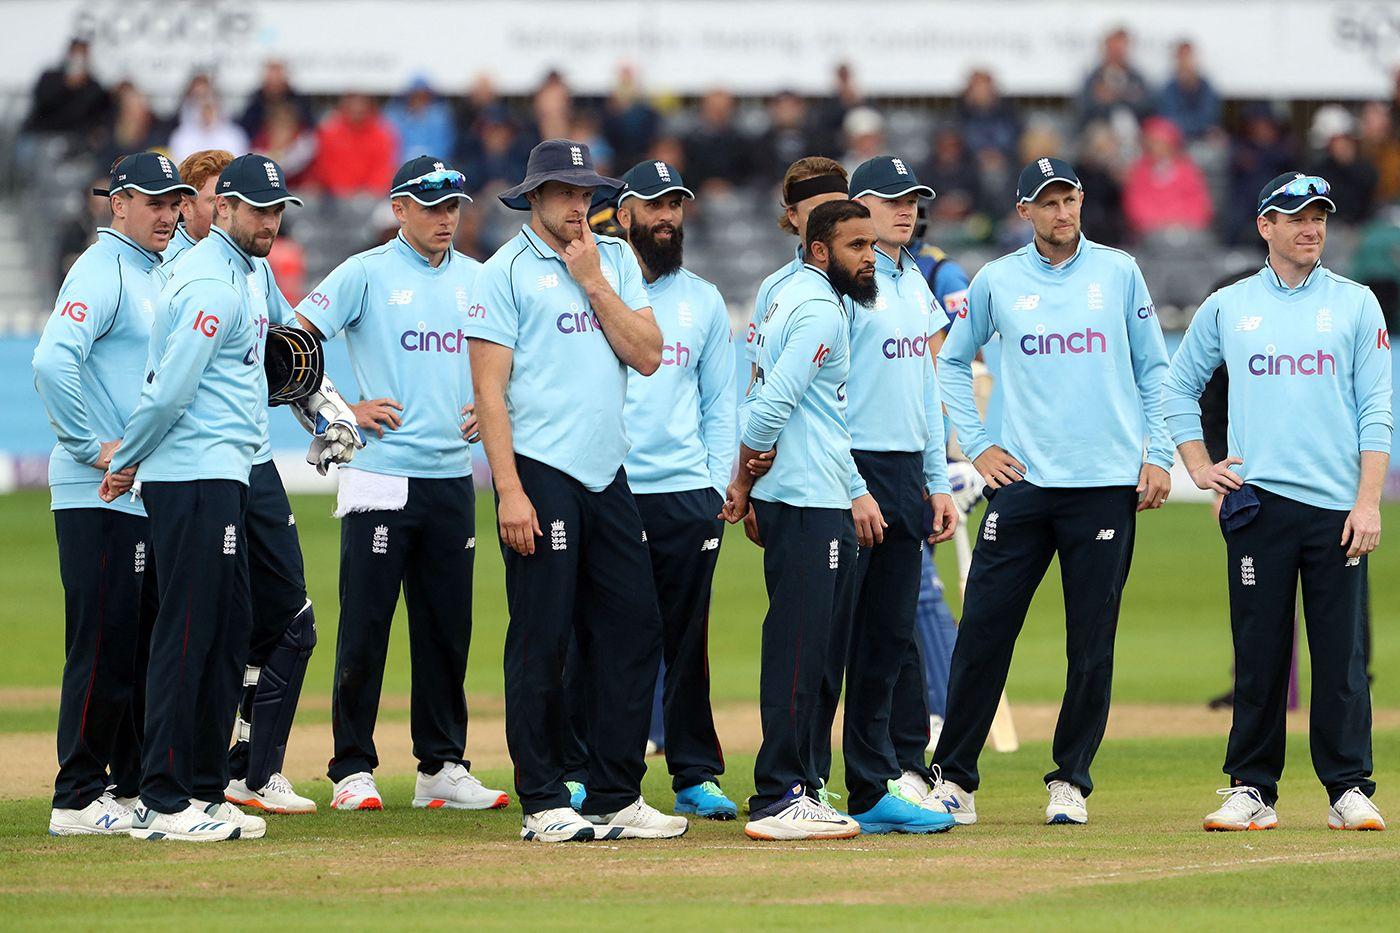 نیوزی لینڈ کے بعد انگلینڈ کا پاکستان آنے سے انکار